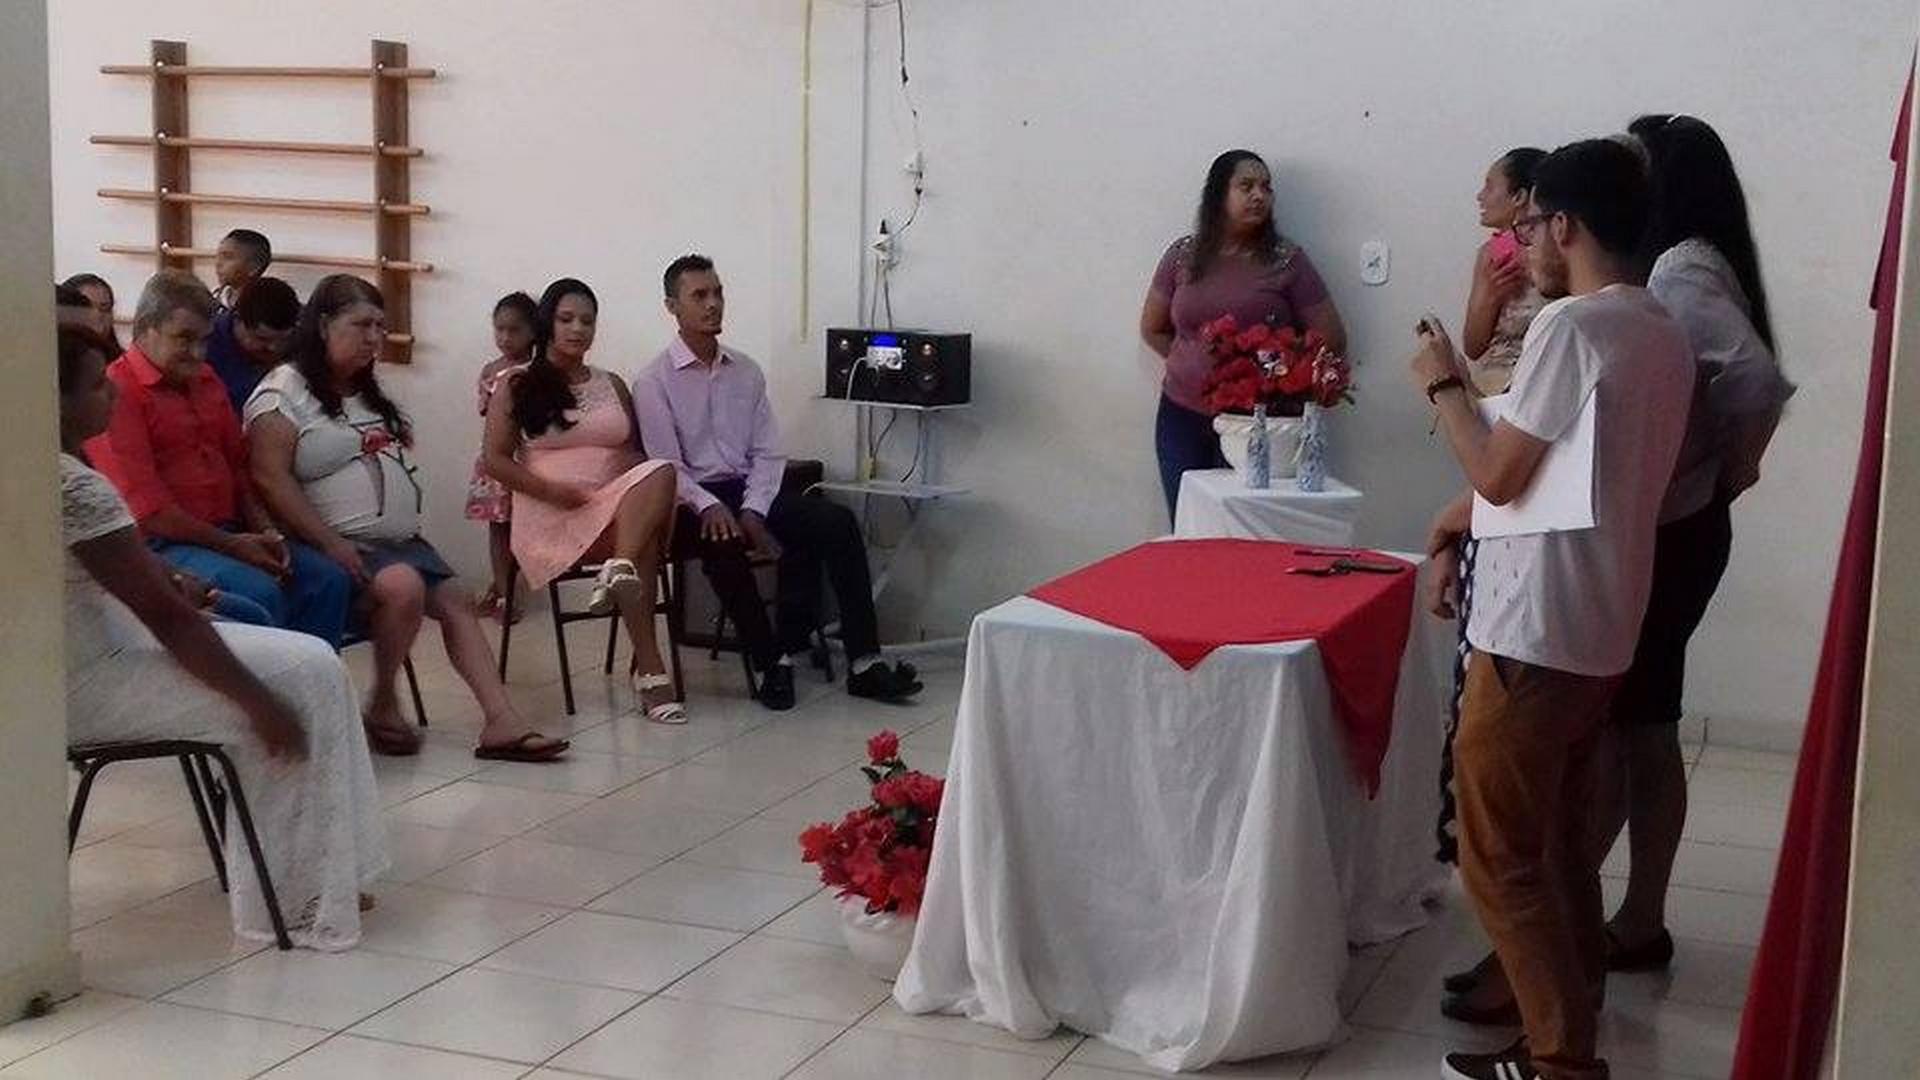 PREFEITURA MUNICIPAL REALIZA 1º CASAMENTO COMUNITÁRIO EM ESTEVÃO DE ARAÚJO !!